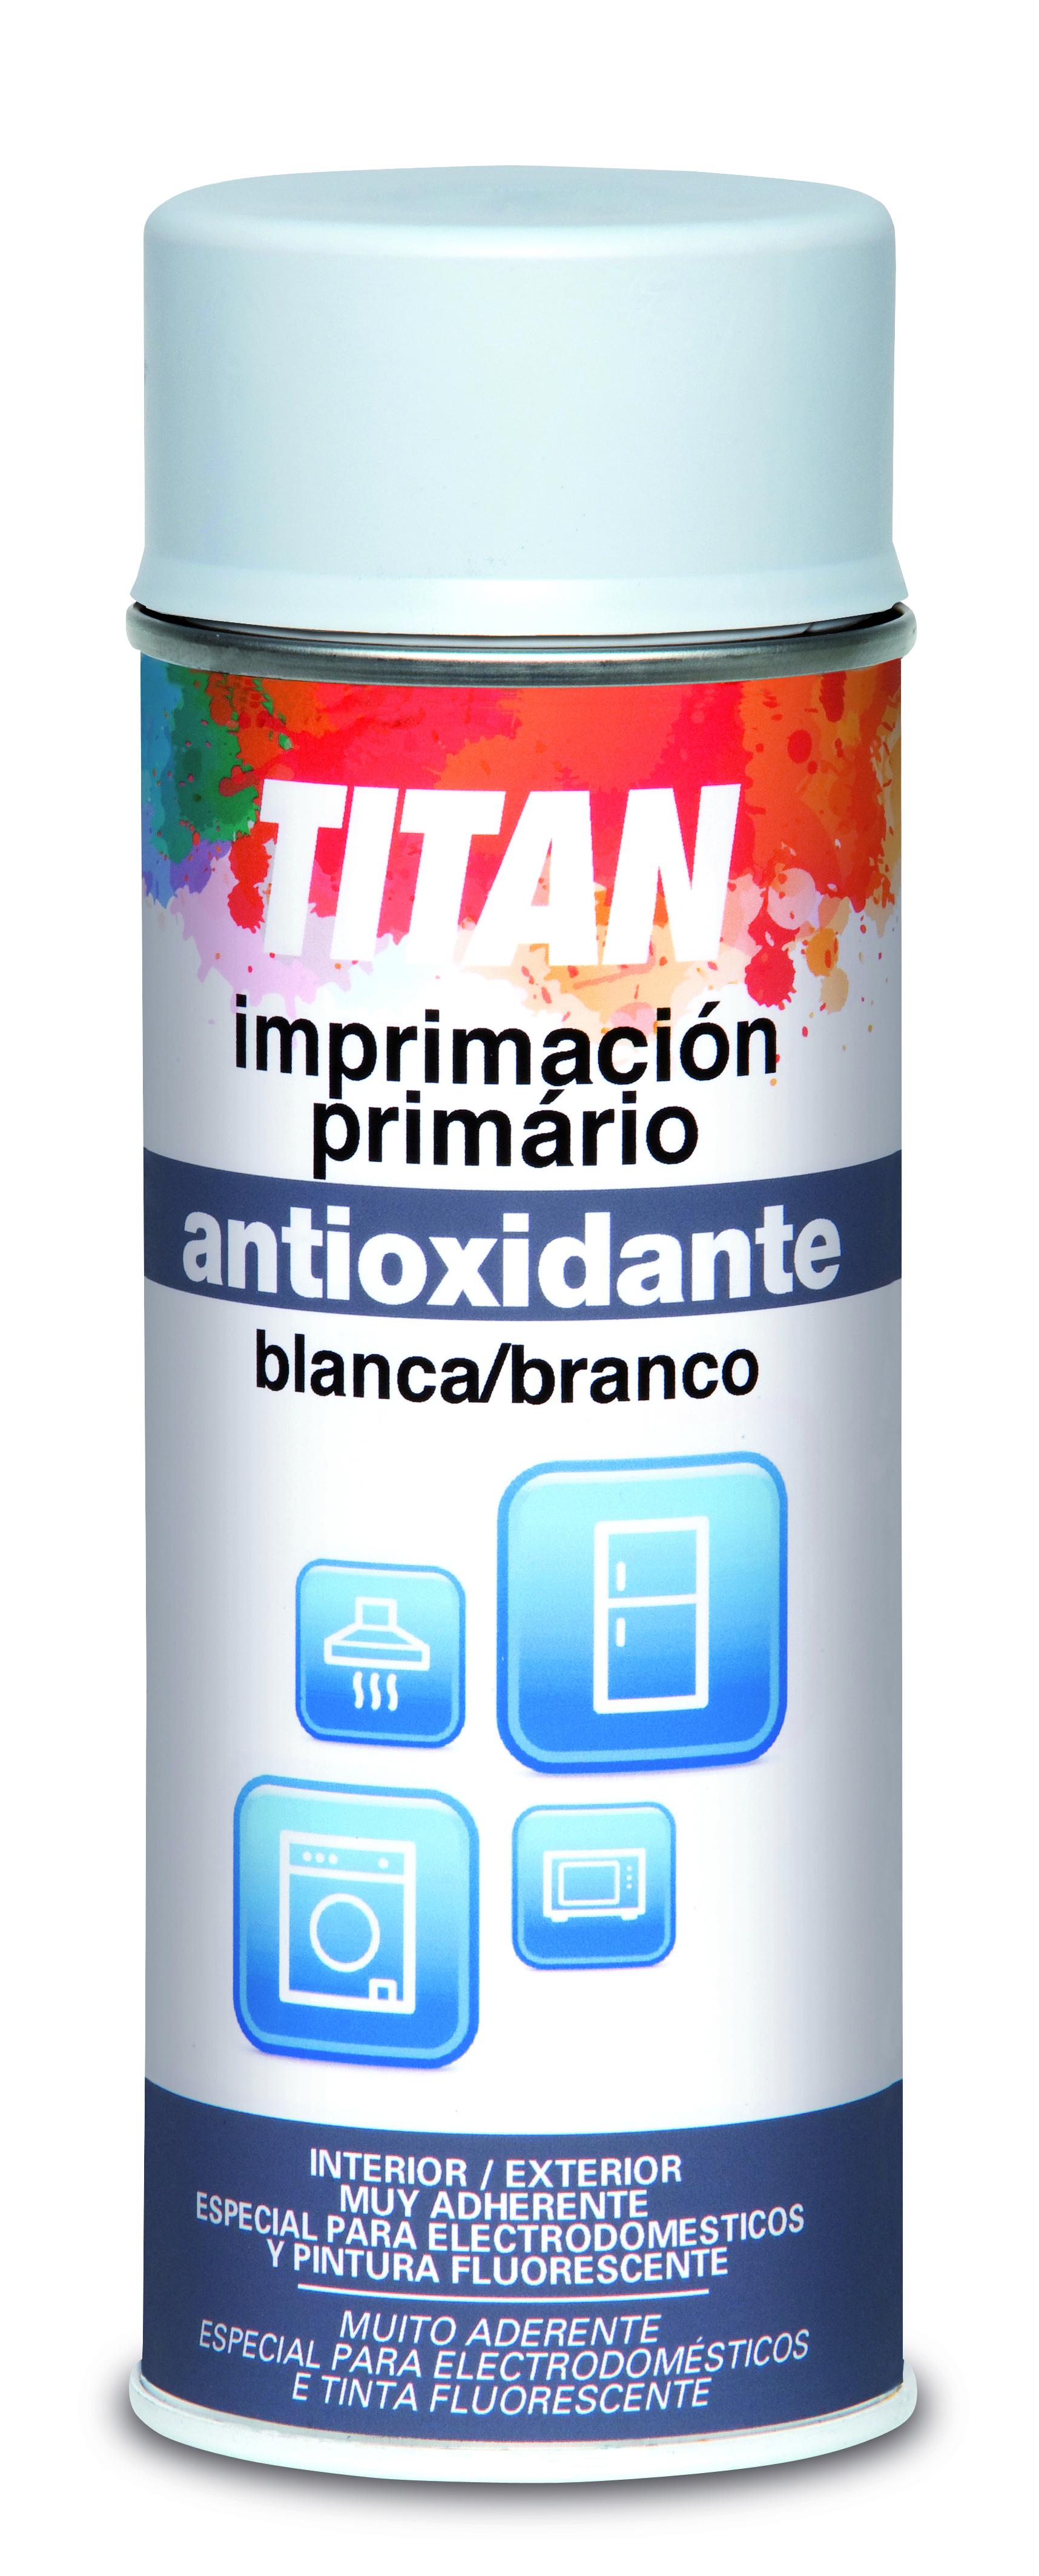 IMPRIMACIÓN ANTIOXIDANTE BLANCA